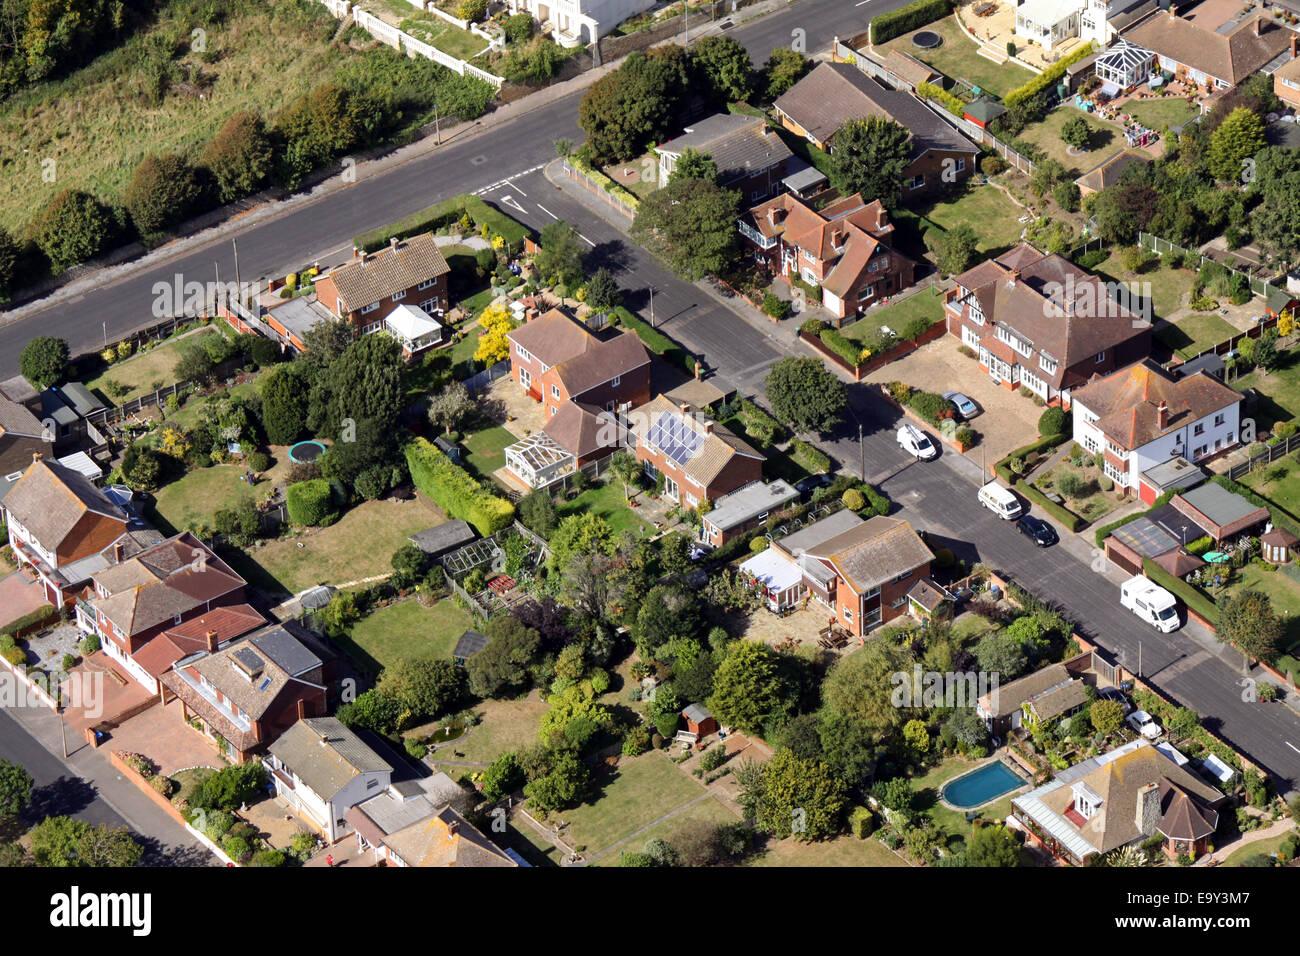 Vue aérienne de maisons typiques sur un lotissement au Royaume-Uni Photo Stock